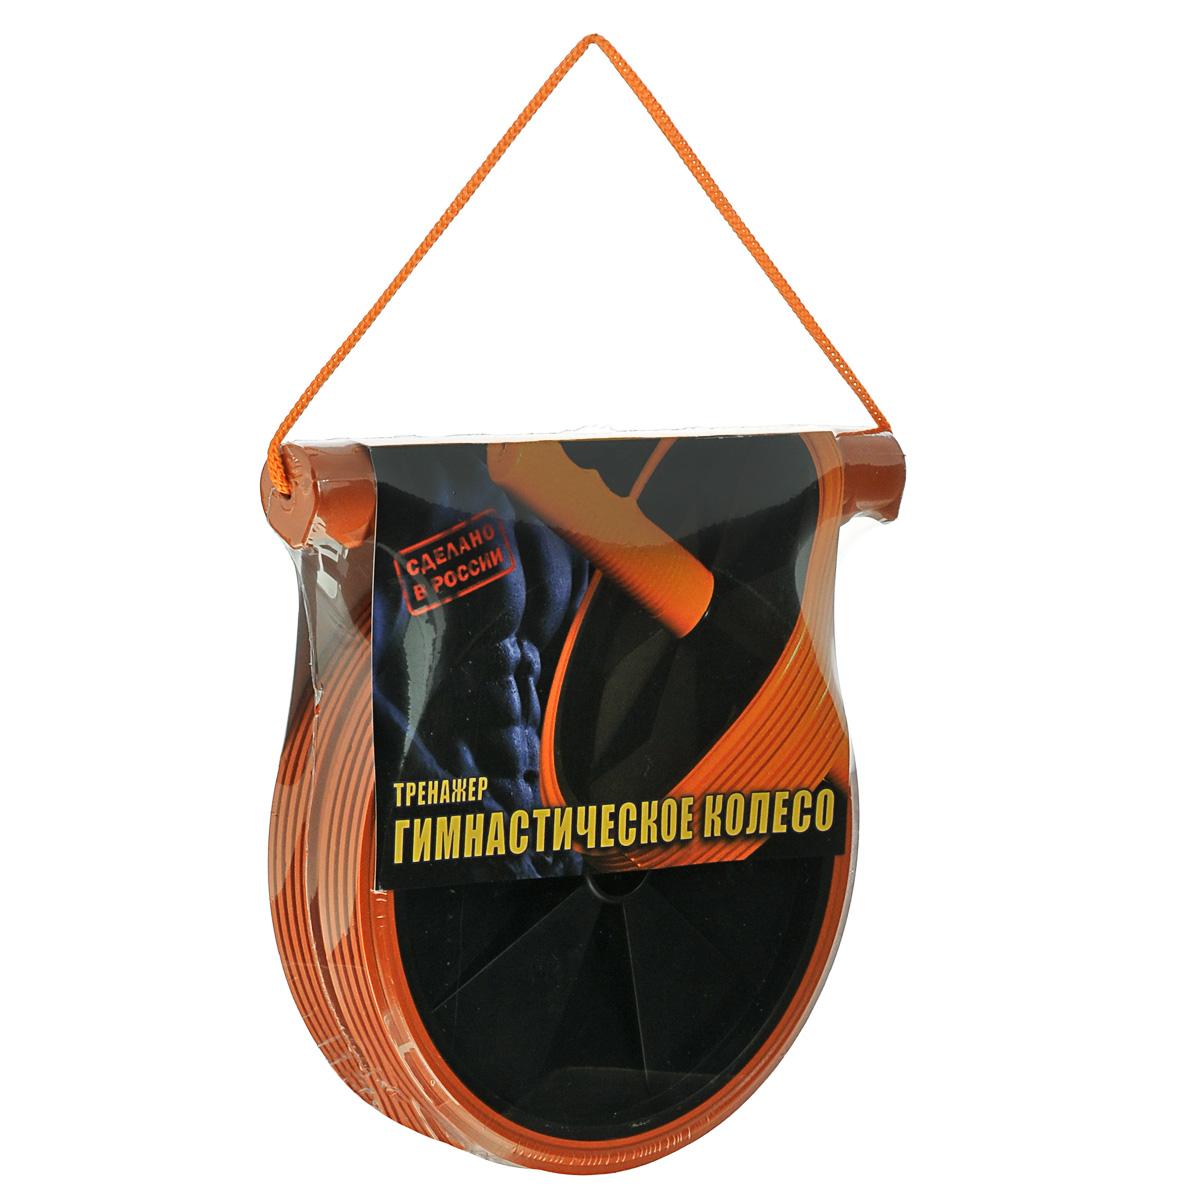 Ролик гимнастический Варяг, двойной, цвет: оранжевый, черныйFABLSEH10002Гимнастический ролик Варяг представляет собой два пластиковых колеса, надетых на металлический стержень с ручками, предназначен для индивидуальных занятий физкультурой и фитнесом. Тренировки с гимнастическим роликом повышают тонус мышц брюшного пресса, рук, ног, бедер и плеч, а также значительно улучшают рельеф и форму живота. При сборке для облегчения снятия резиновой части ручки нужно немного нагреть её, например паром из чайника или горячей водой.Гимнастический ролик Варяг поможет поддерживать ваше тело в хорошей физической форме, развивать гибкость, выносливость и избавиться от лишнего веса.Диаметр ролика: 18 см. Длина ручки: 22 см. Толщина ролика: 4,5 см.